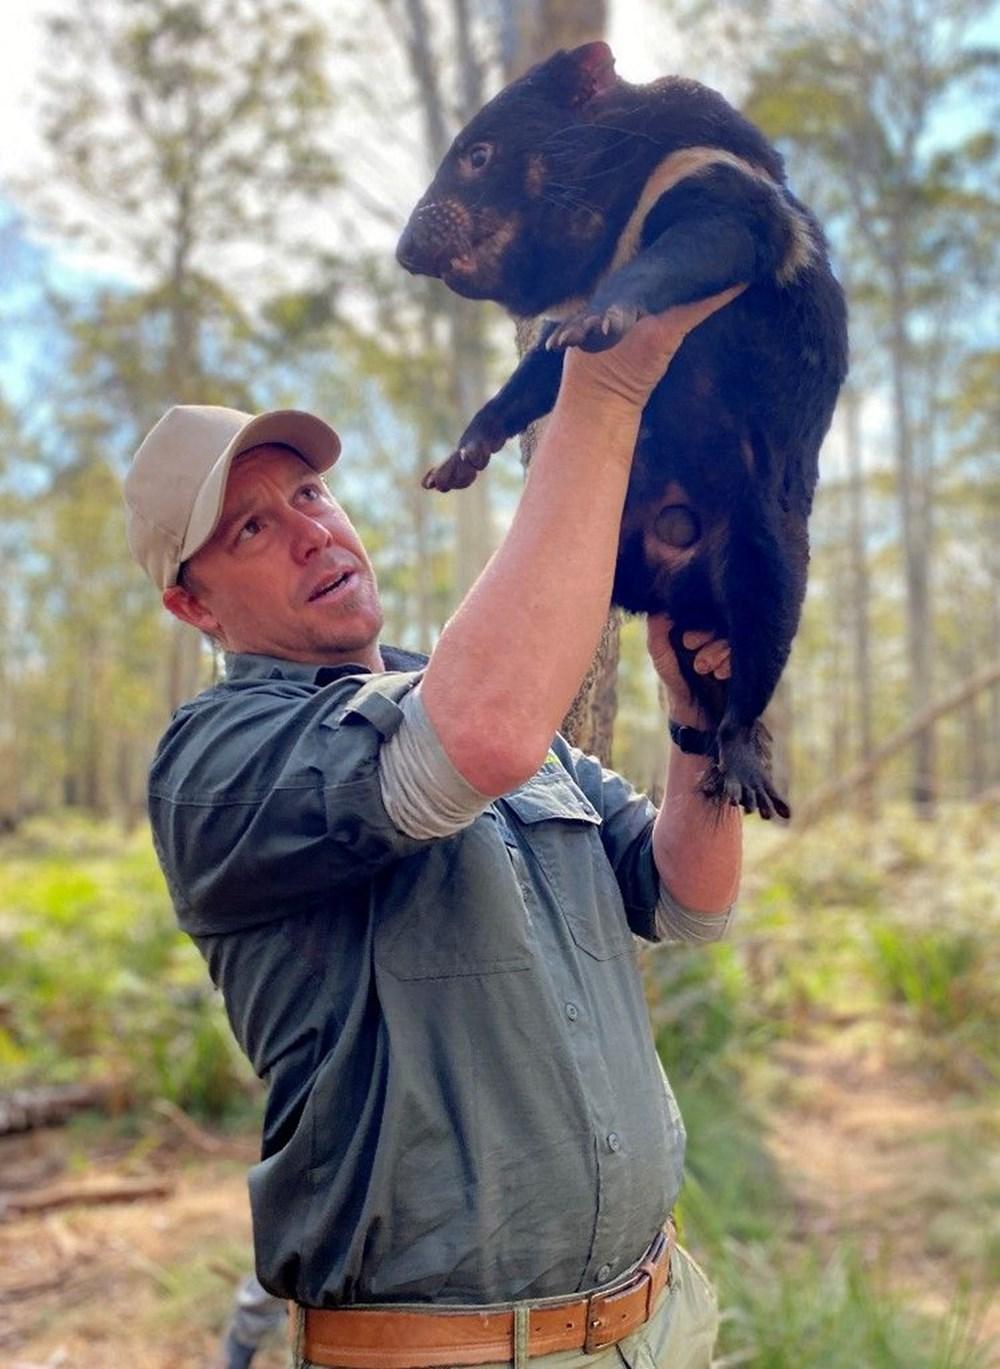 Tazmanya canavarı 3 bin yıl sonra Avustralya ana karasında doğdu: Yavru Joey dünyanın geleceğine dair umutları artırdı - 3